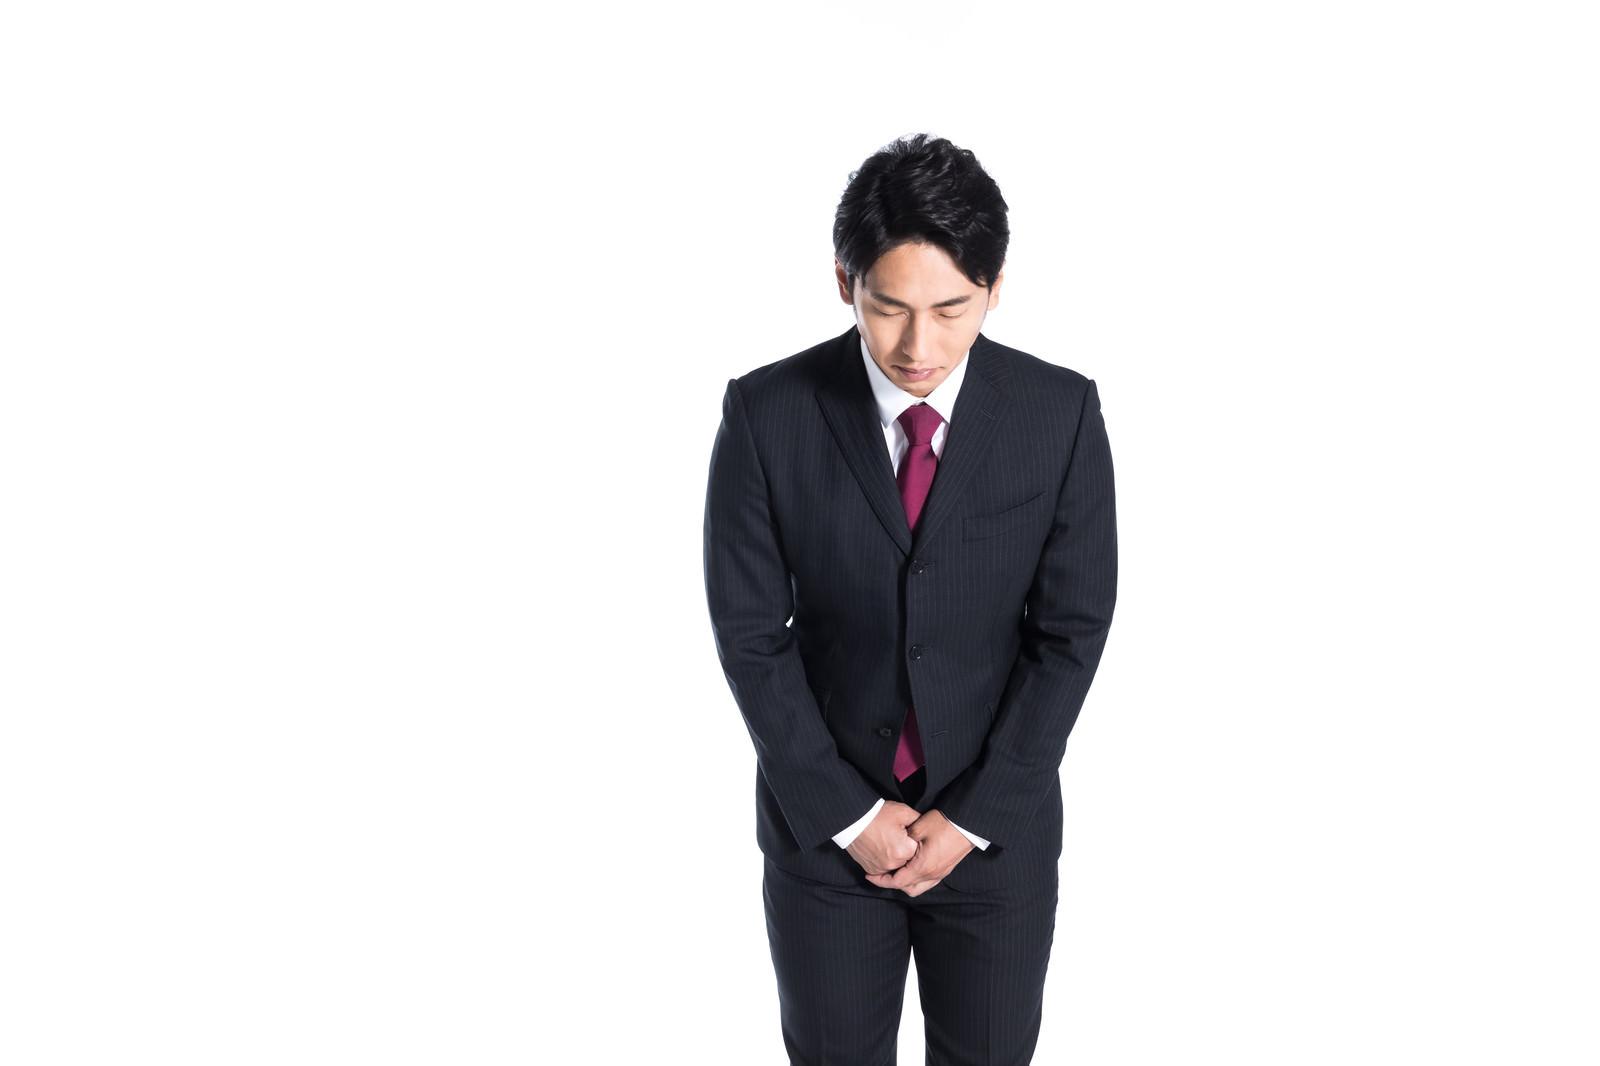 「軽く会釈する部下」の写真[モデル:大川竜弥]